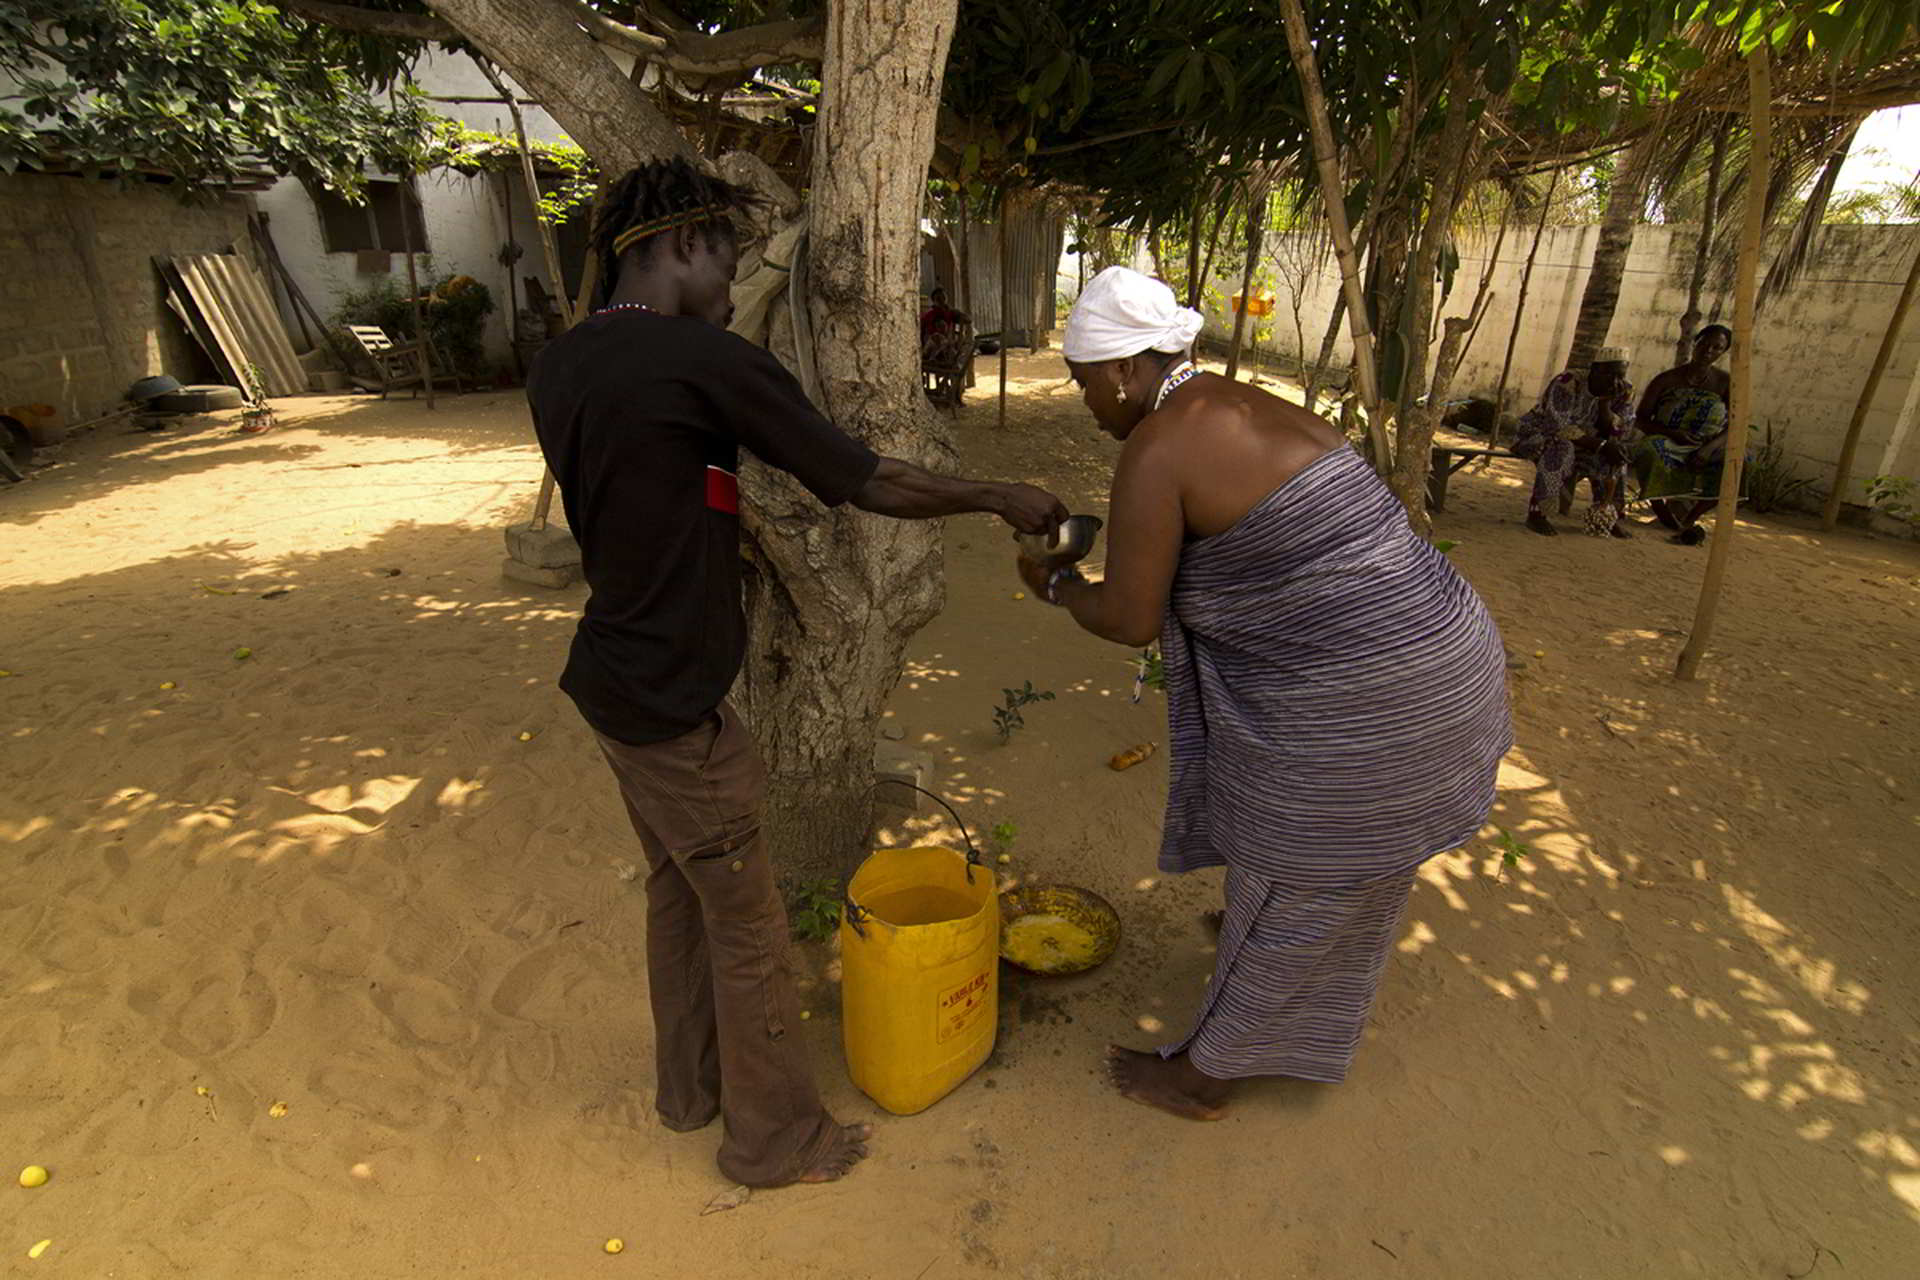 benin2012 - Wyprawa_do_Beninu_-2012_75.jpg